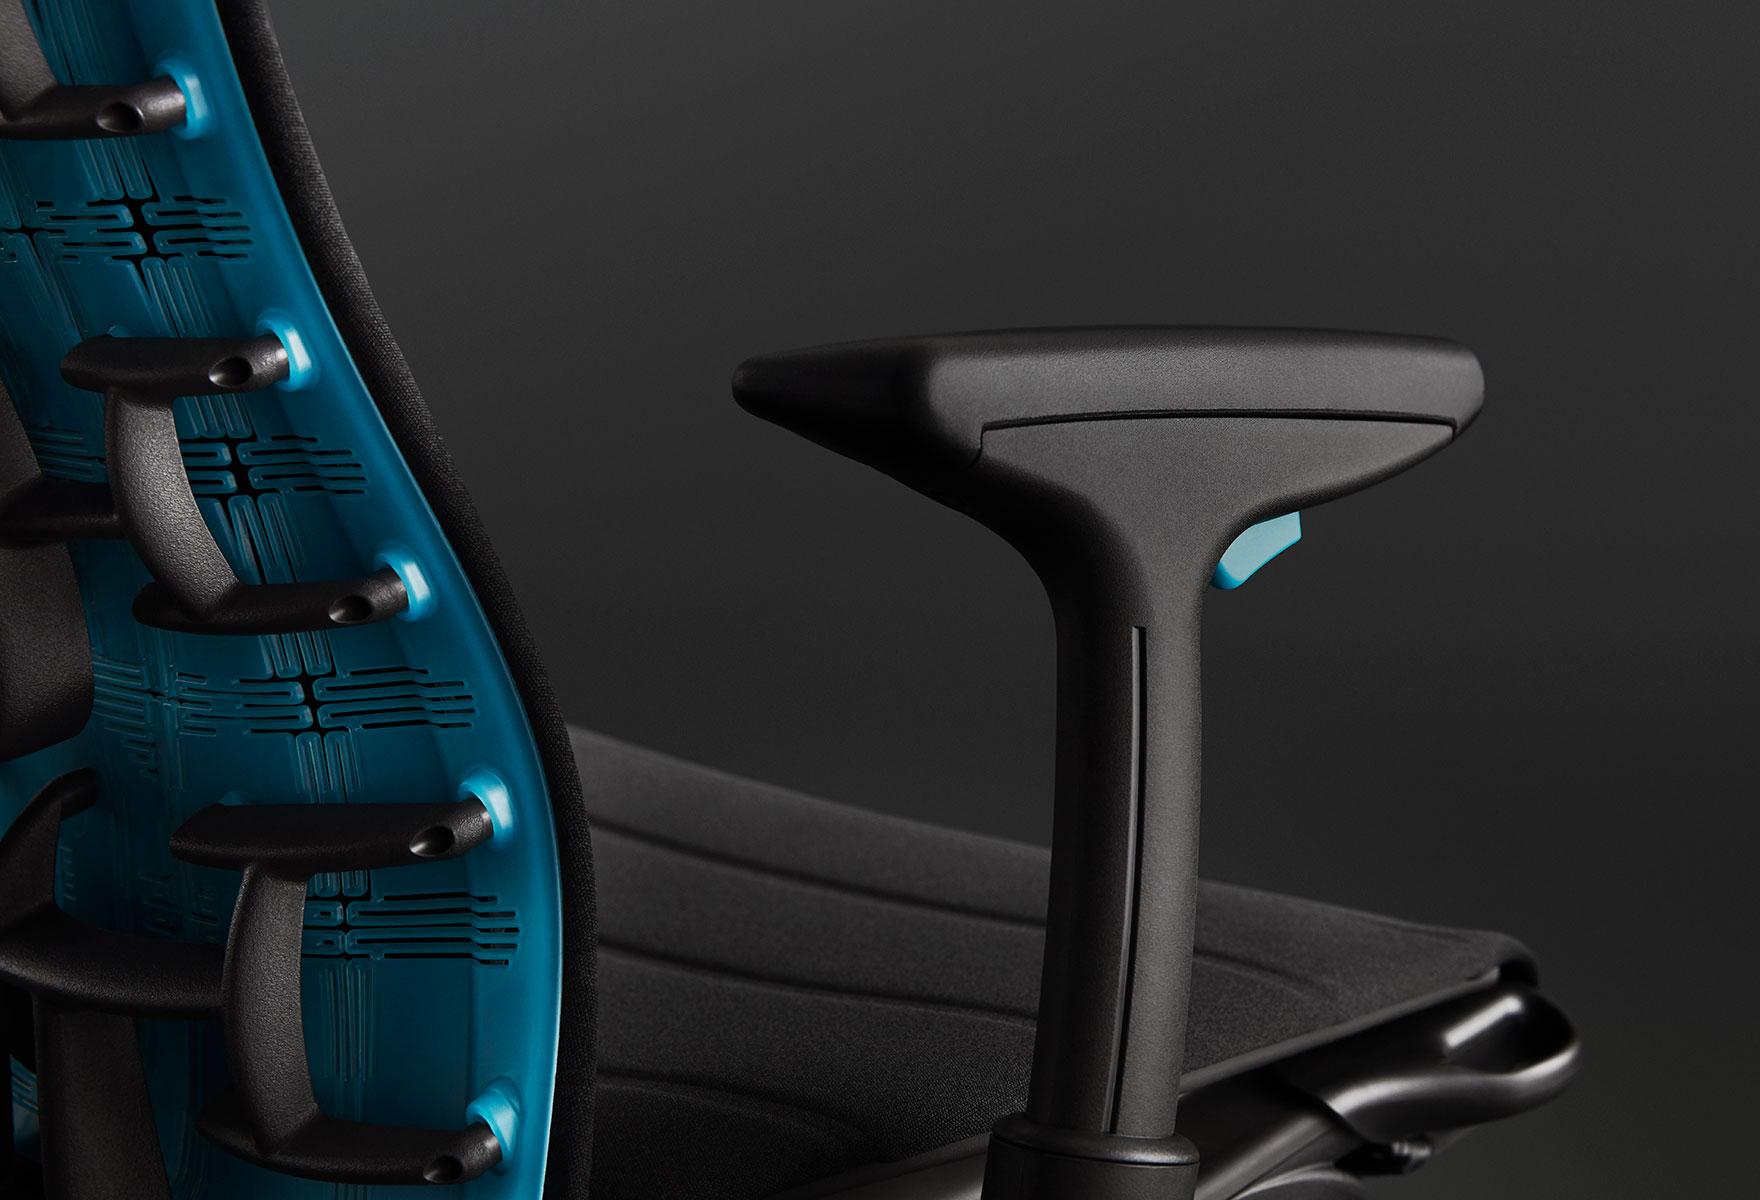 Embody Gaming Chair by Herman Miller